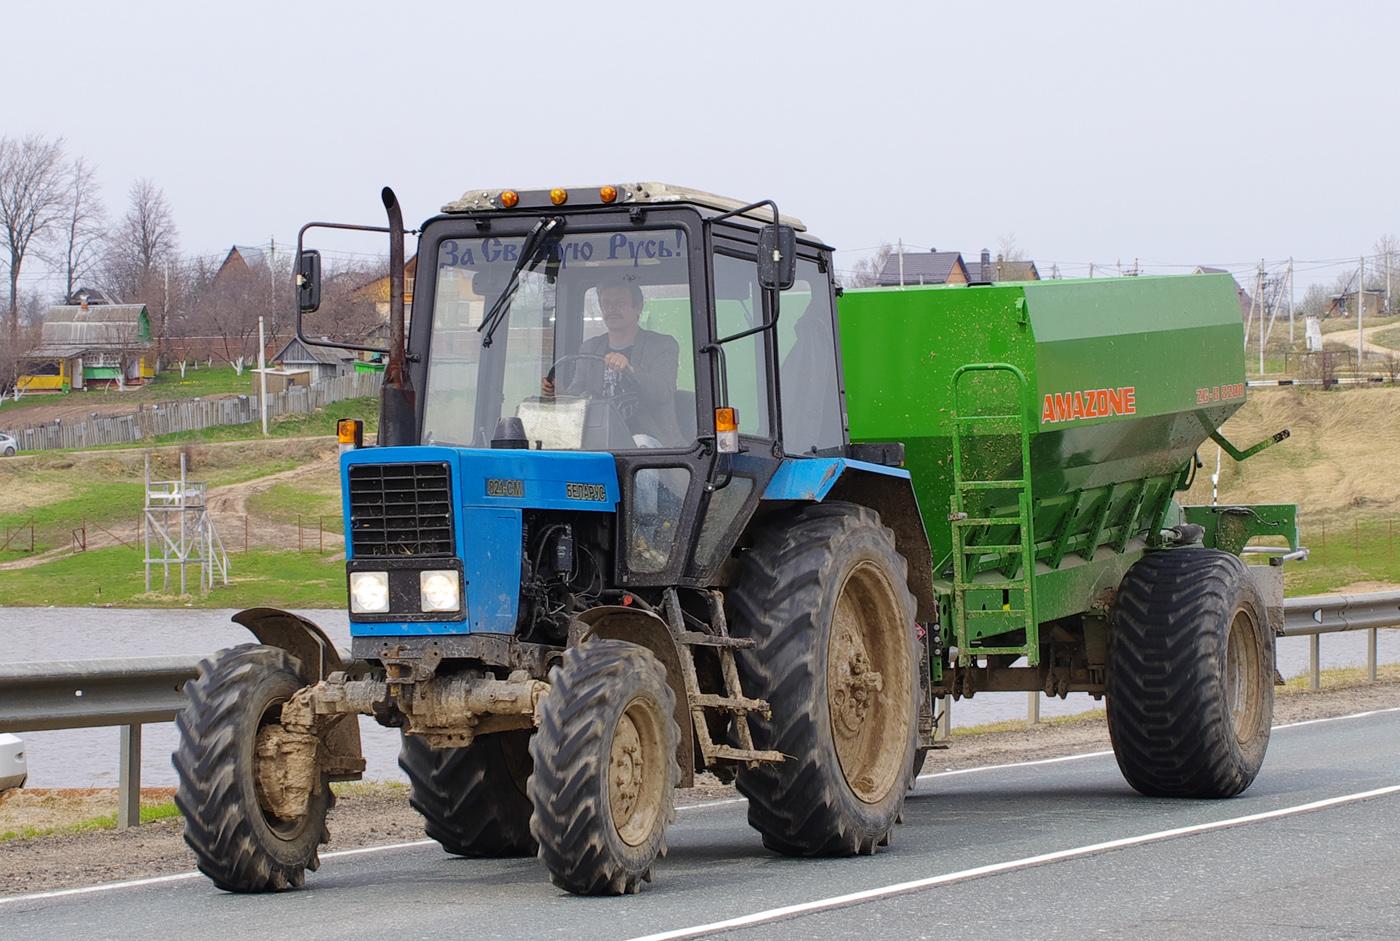 Трактор Беларус-82.1 СМ с разбрасывателем удобрений Amazone ZG-B 8200. Московская область, Рузский район